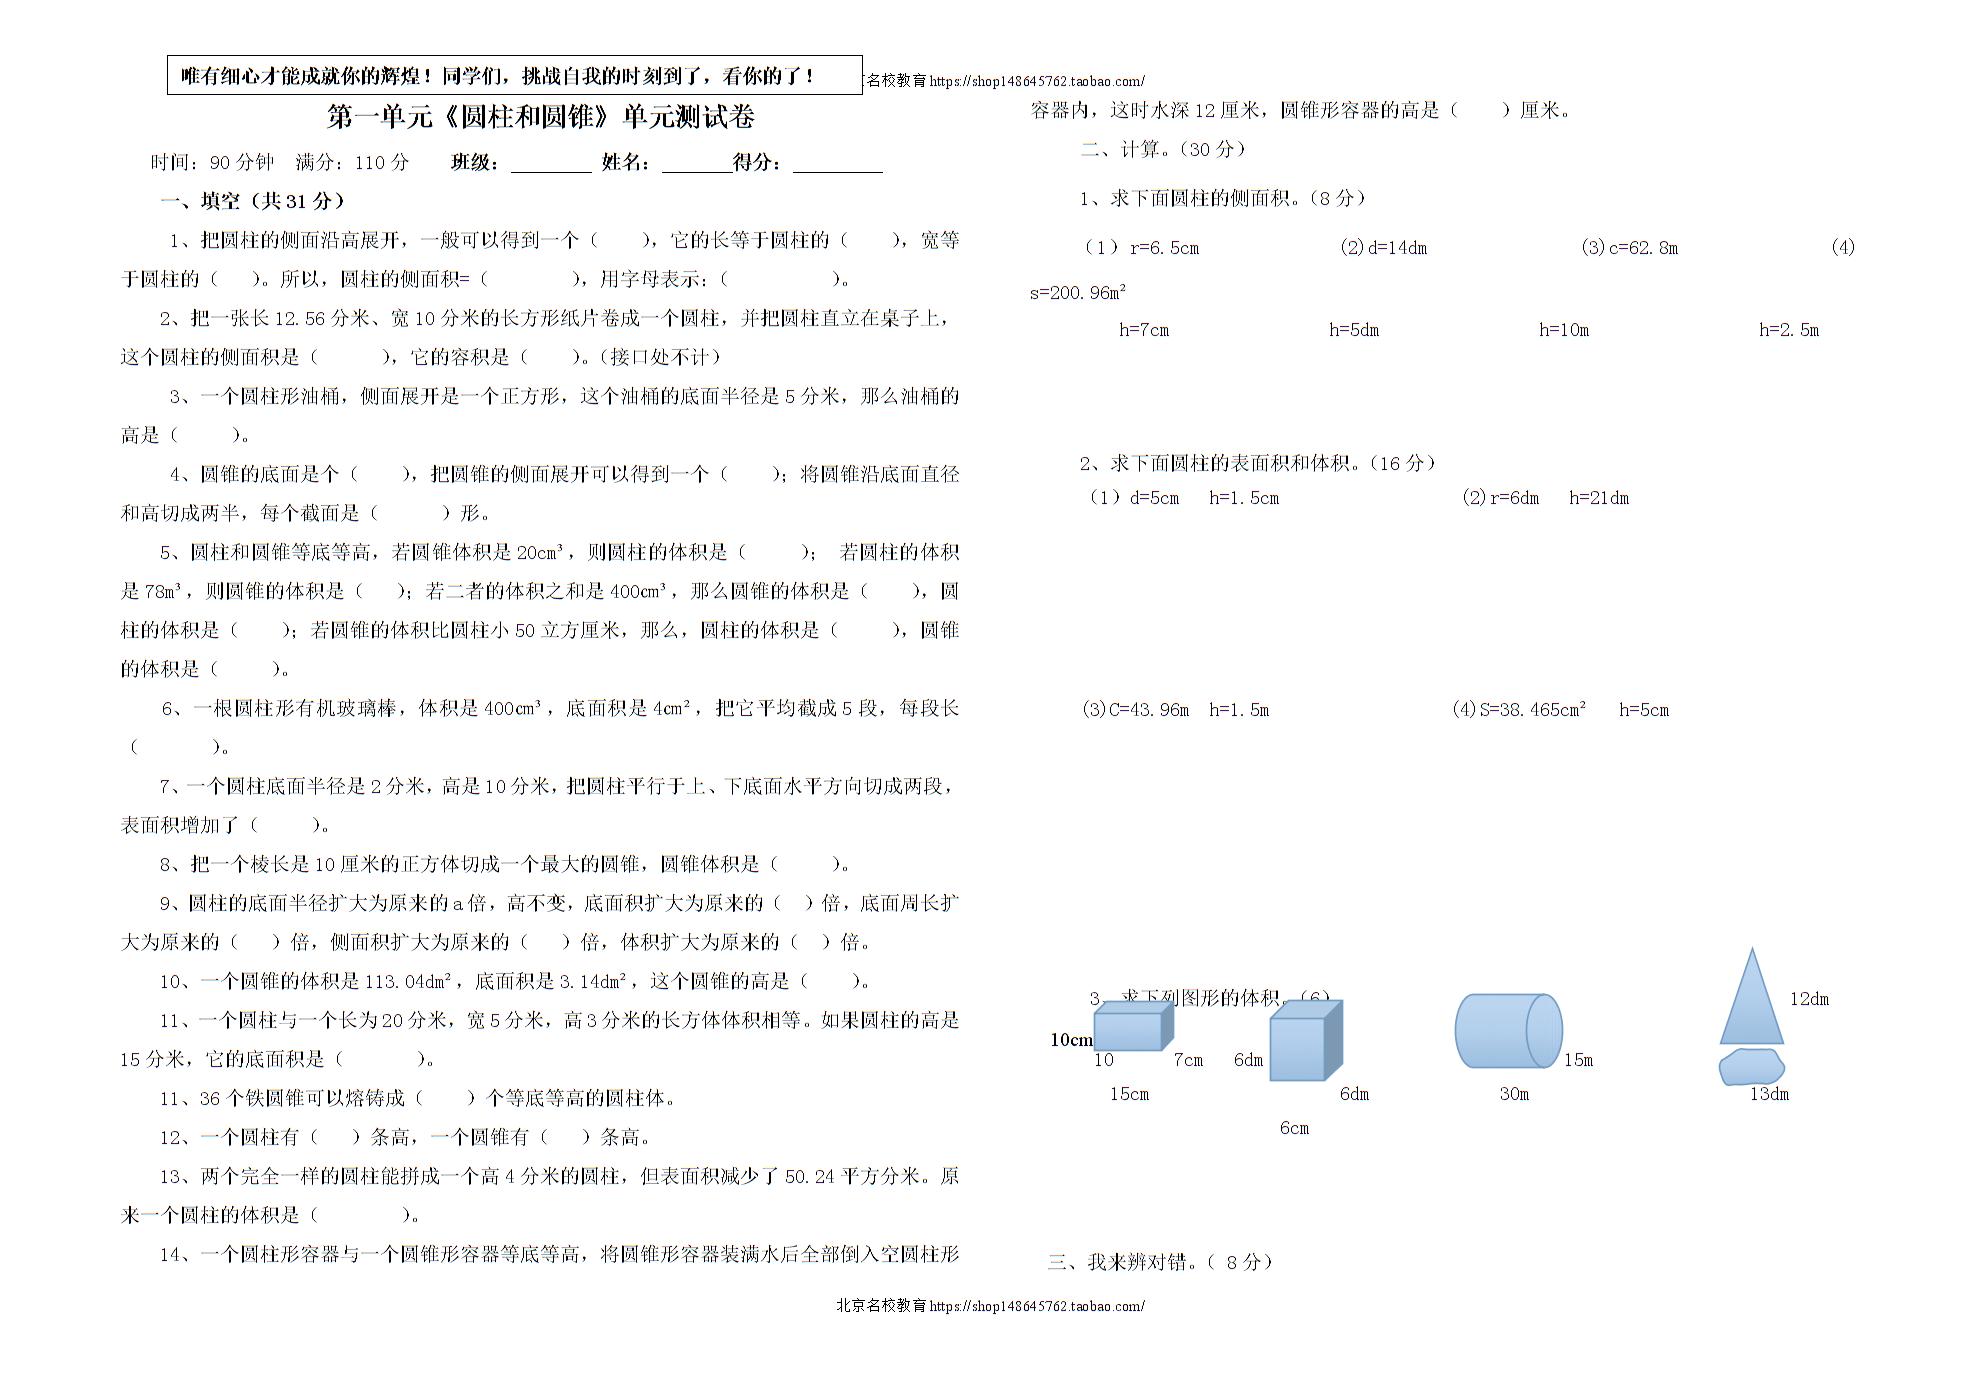 最新北师大版六年级下册第一单元圆柱和圆锥测试题(北